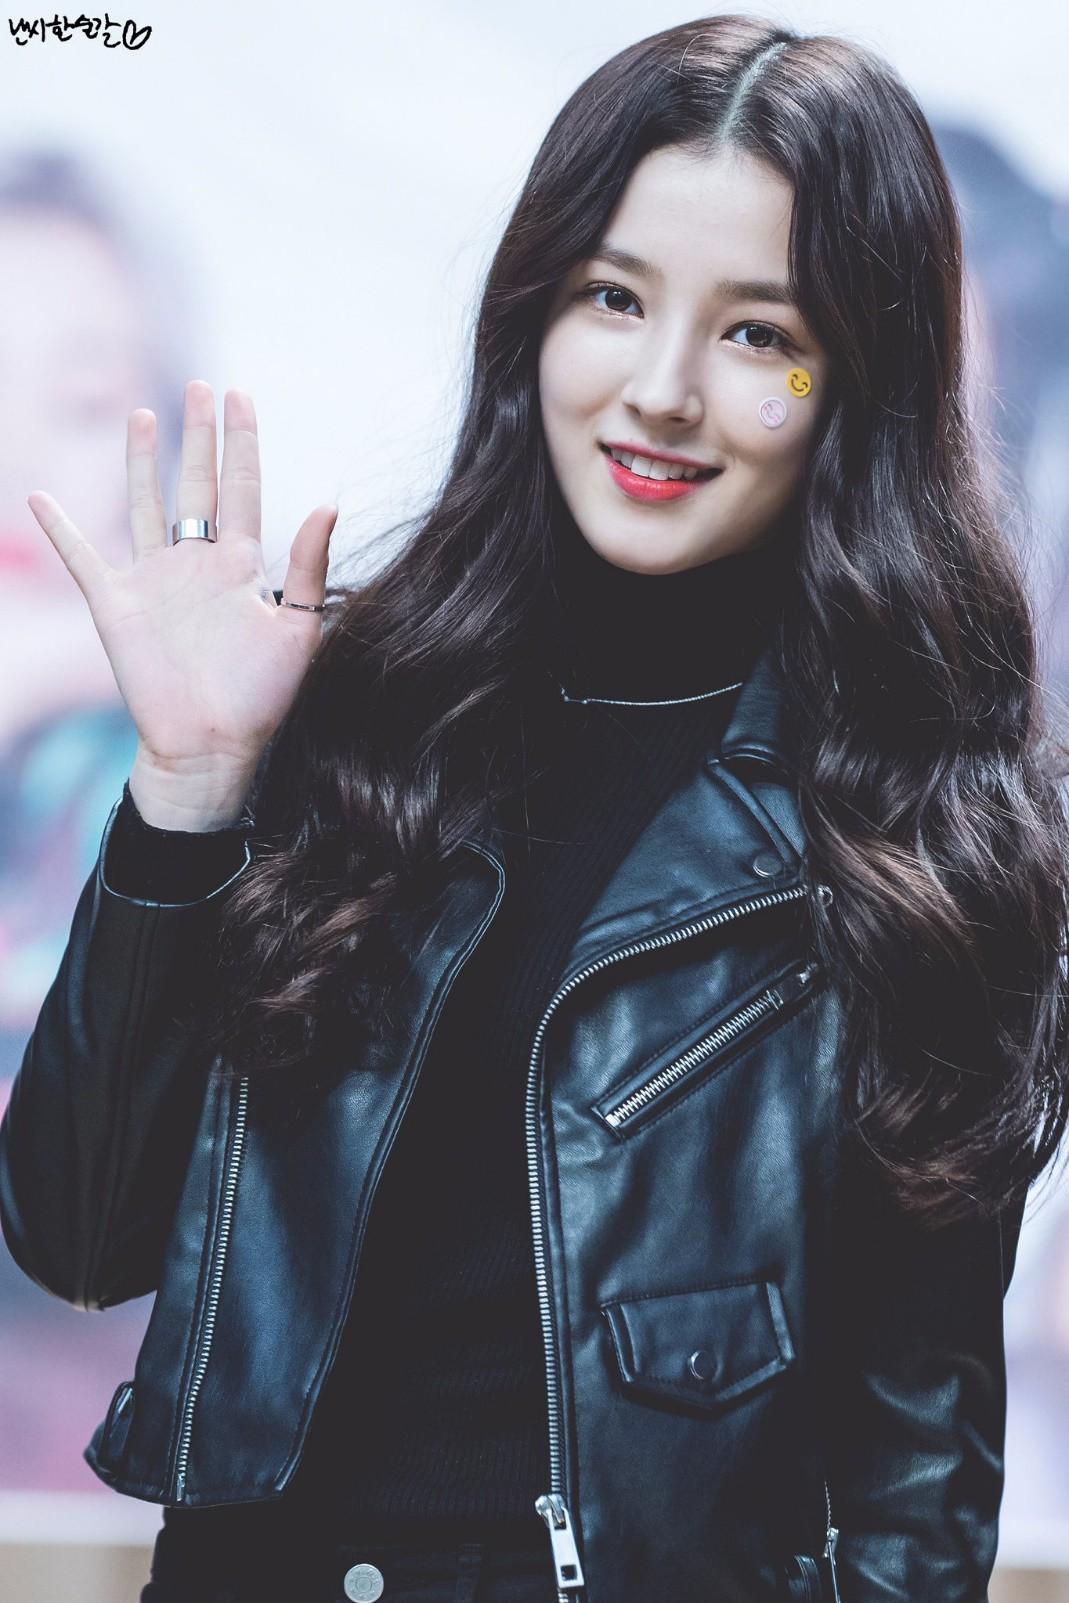 Nam thanh nữ tú thần tượng thế hệ 2000: Ai sẽ là nhân tố đáng mong đợi nhất của làng giải trí xứ Hàn? - Ảnh 25.